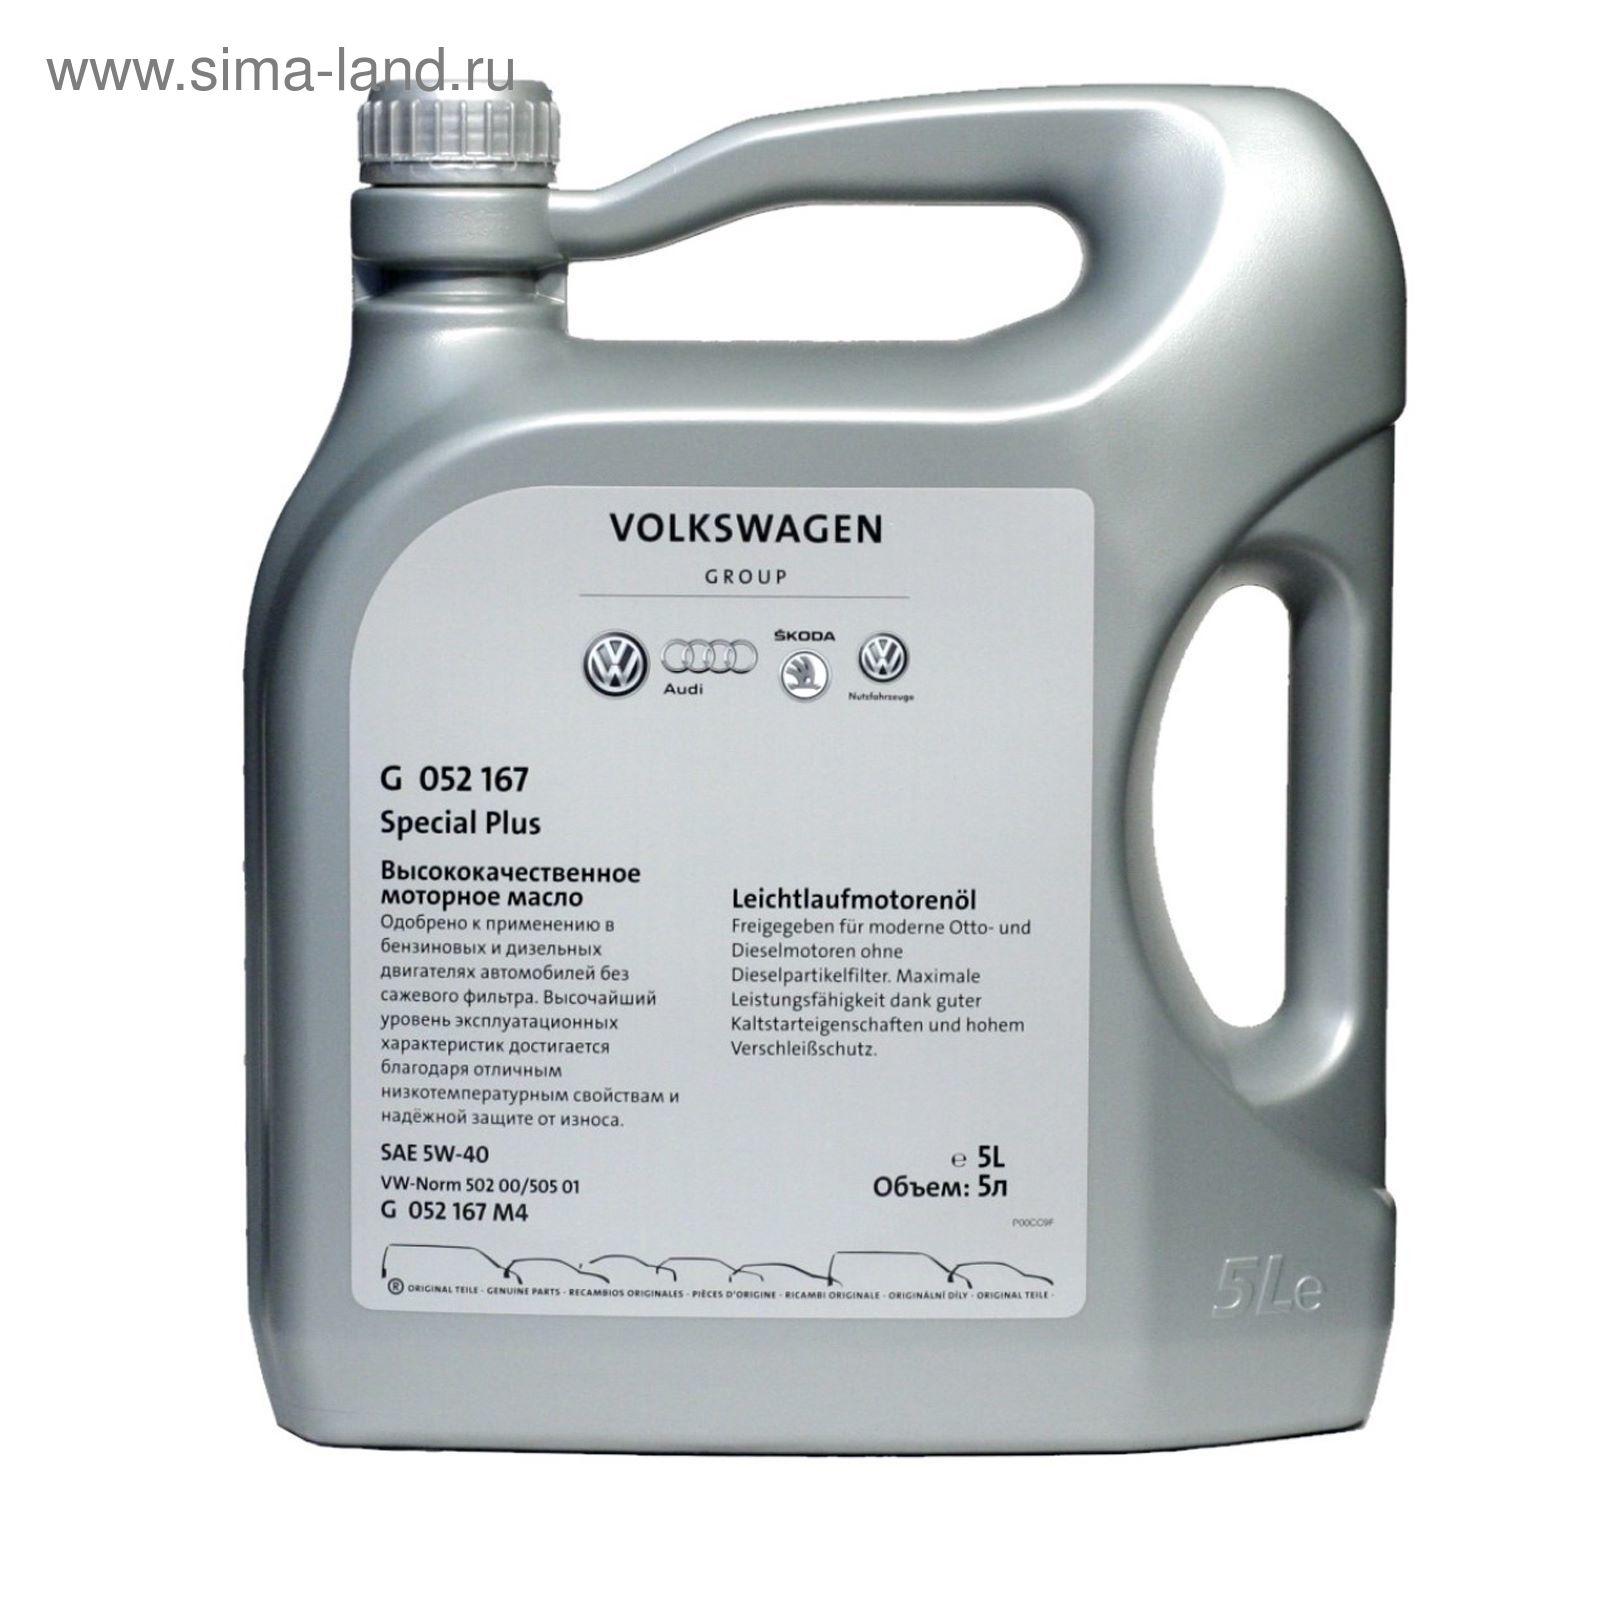 где производят оригинальное моторное масло фольксваген